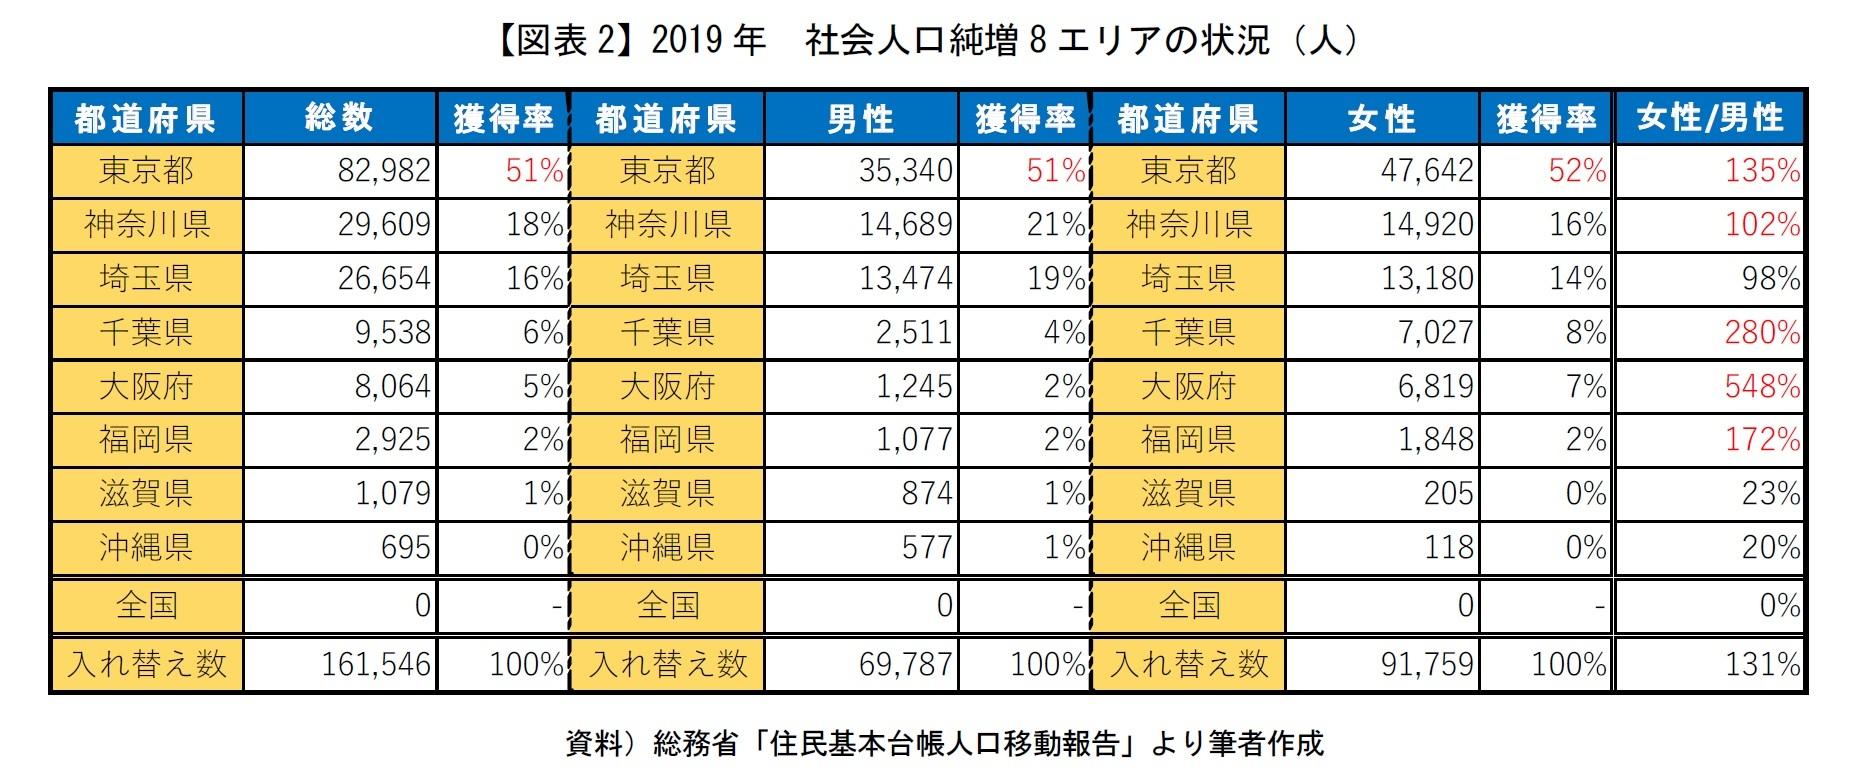 【図表2】2019年 社会人口純増8エリアの状況(人)